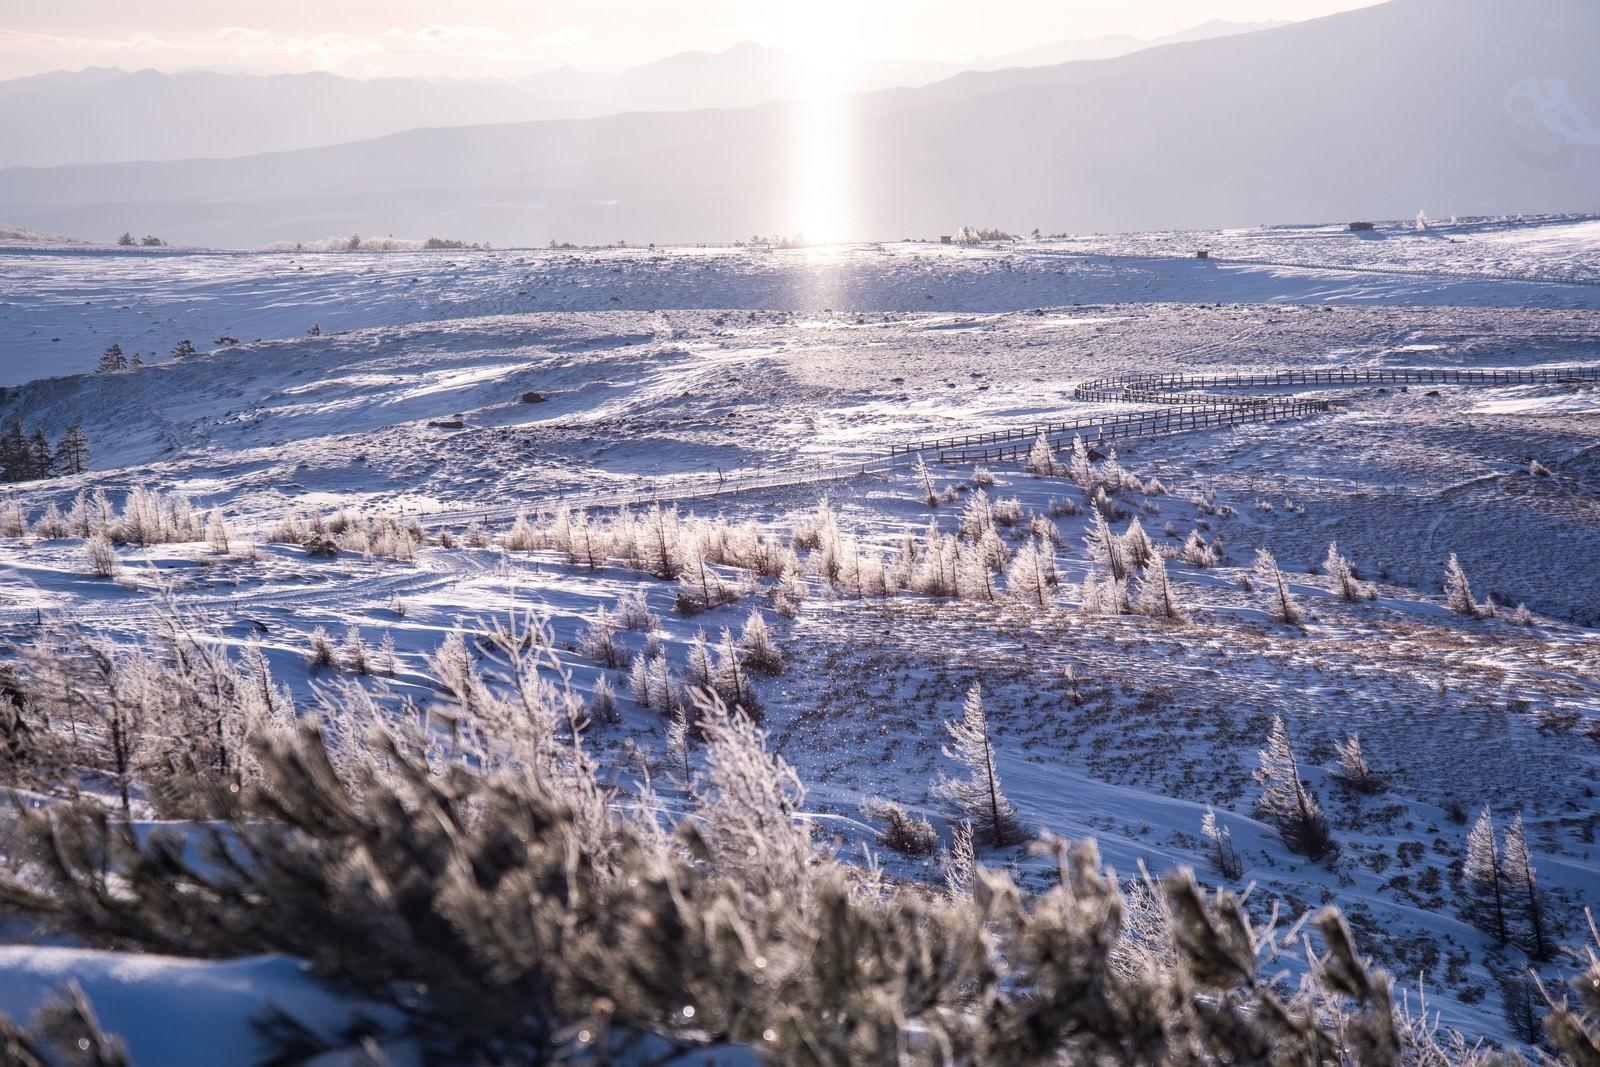 「冬の美ヶ原高原とサンピラー(太陽柱)」の写真